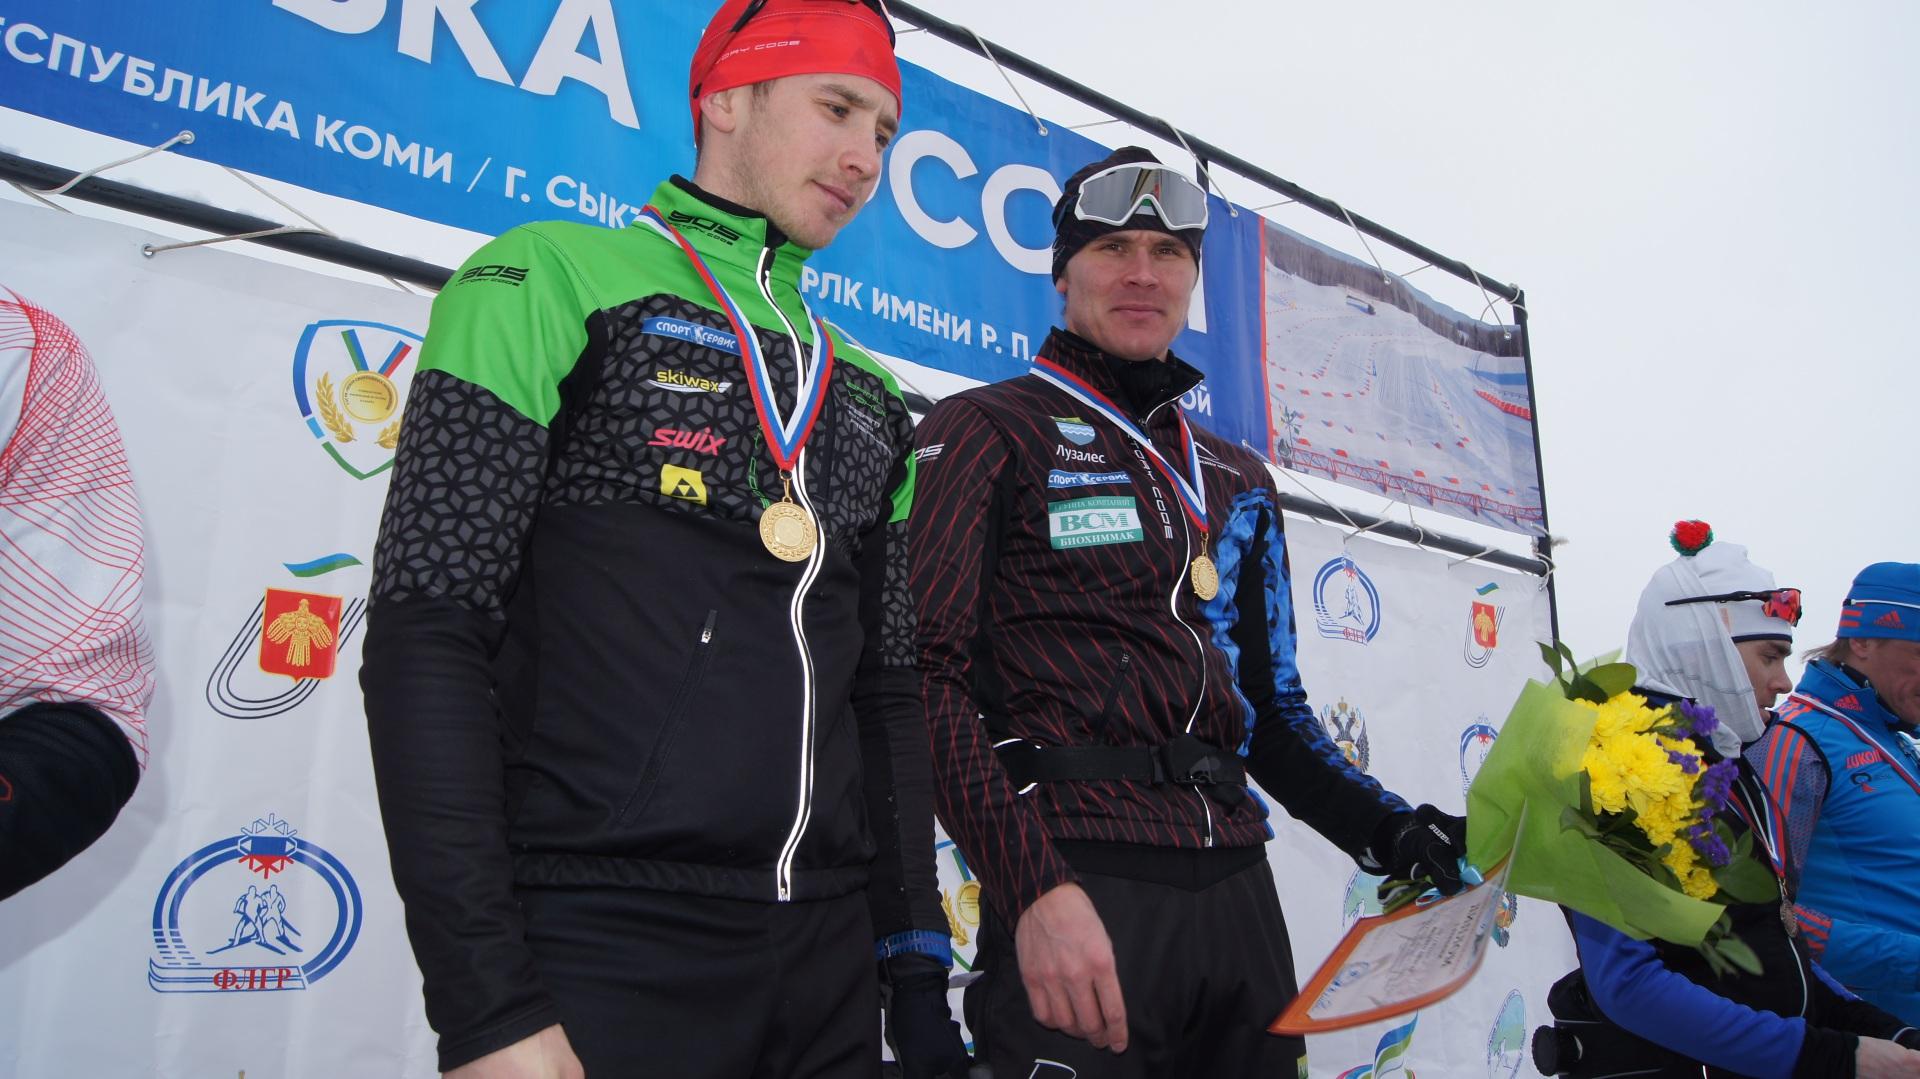 Алексей Виценко и Ермил Вокуев из Республики Коми - победители командного спринта финала Кубка России по лыжным гонкам